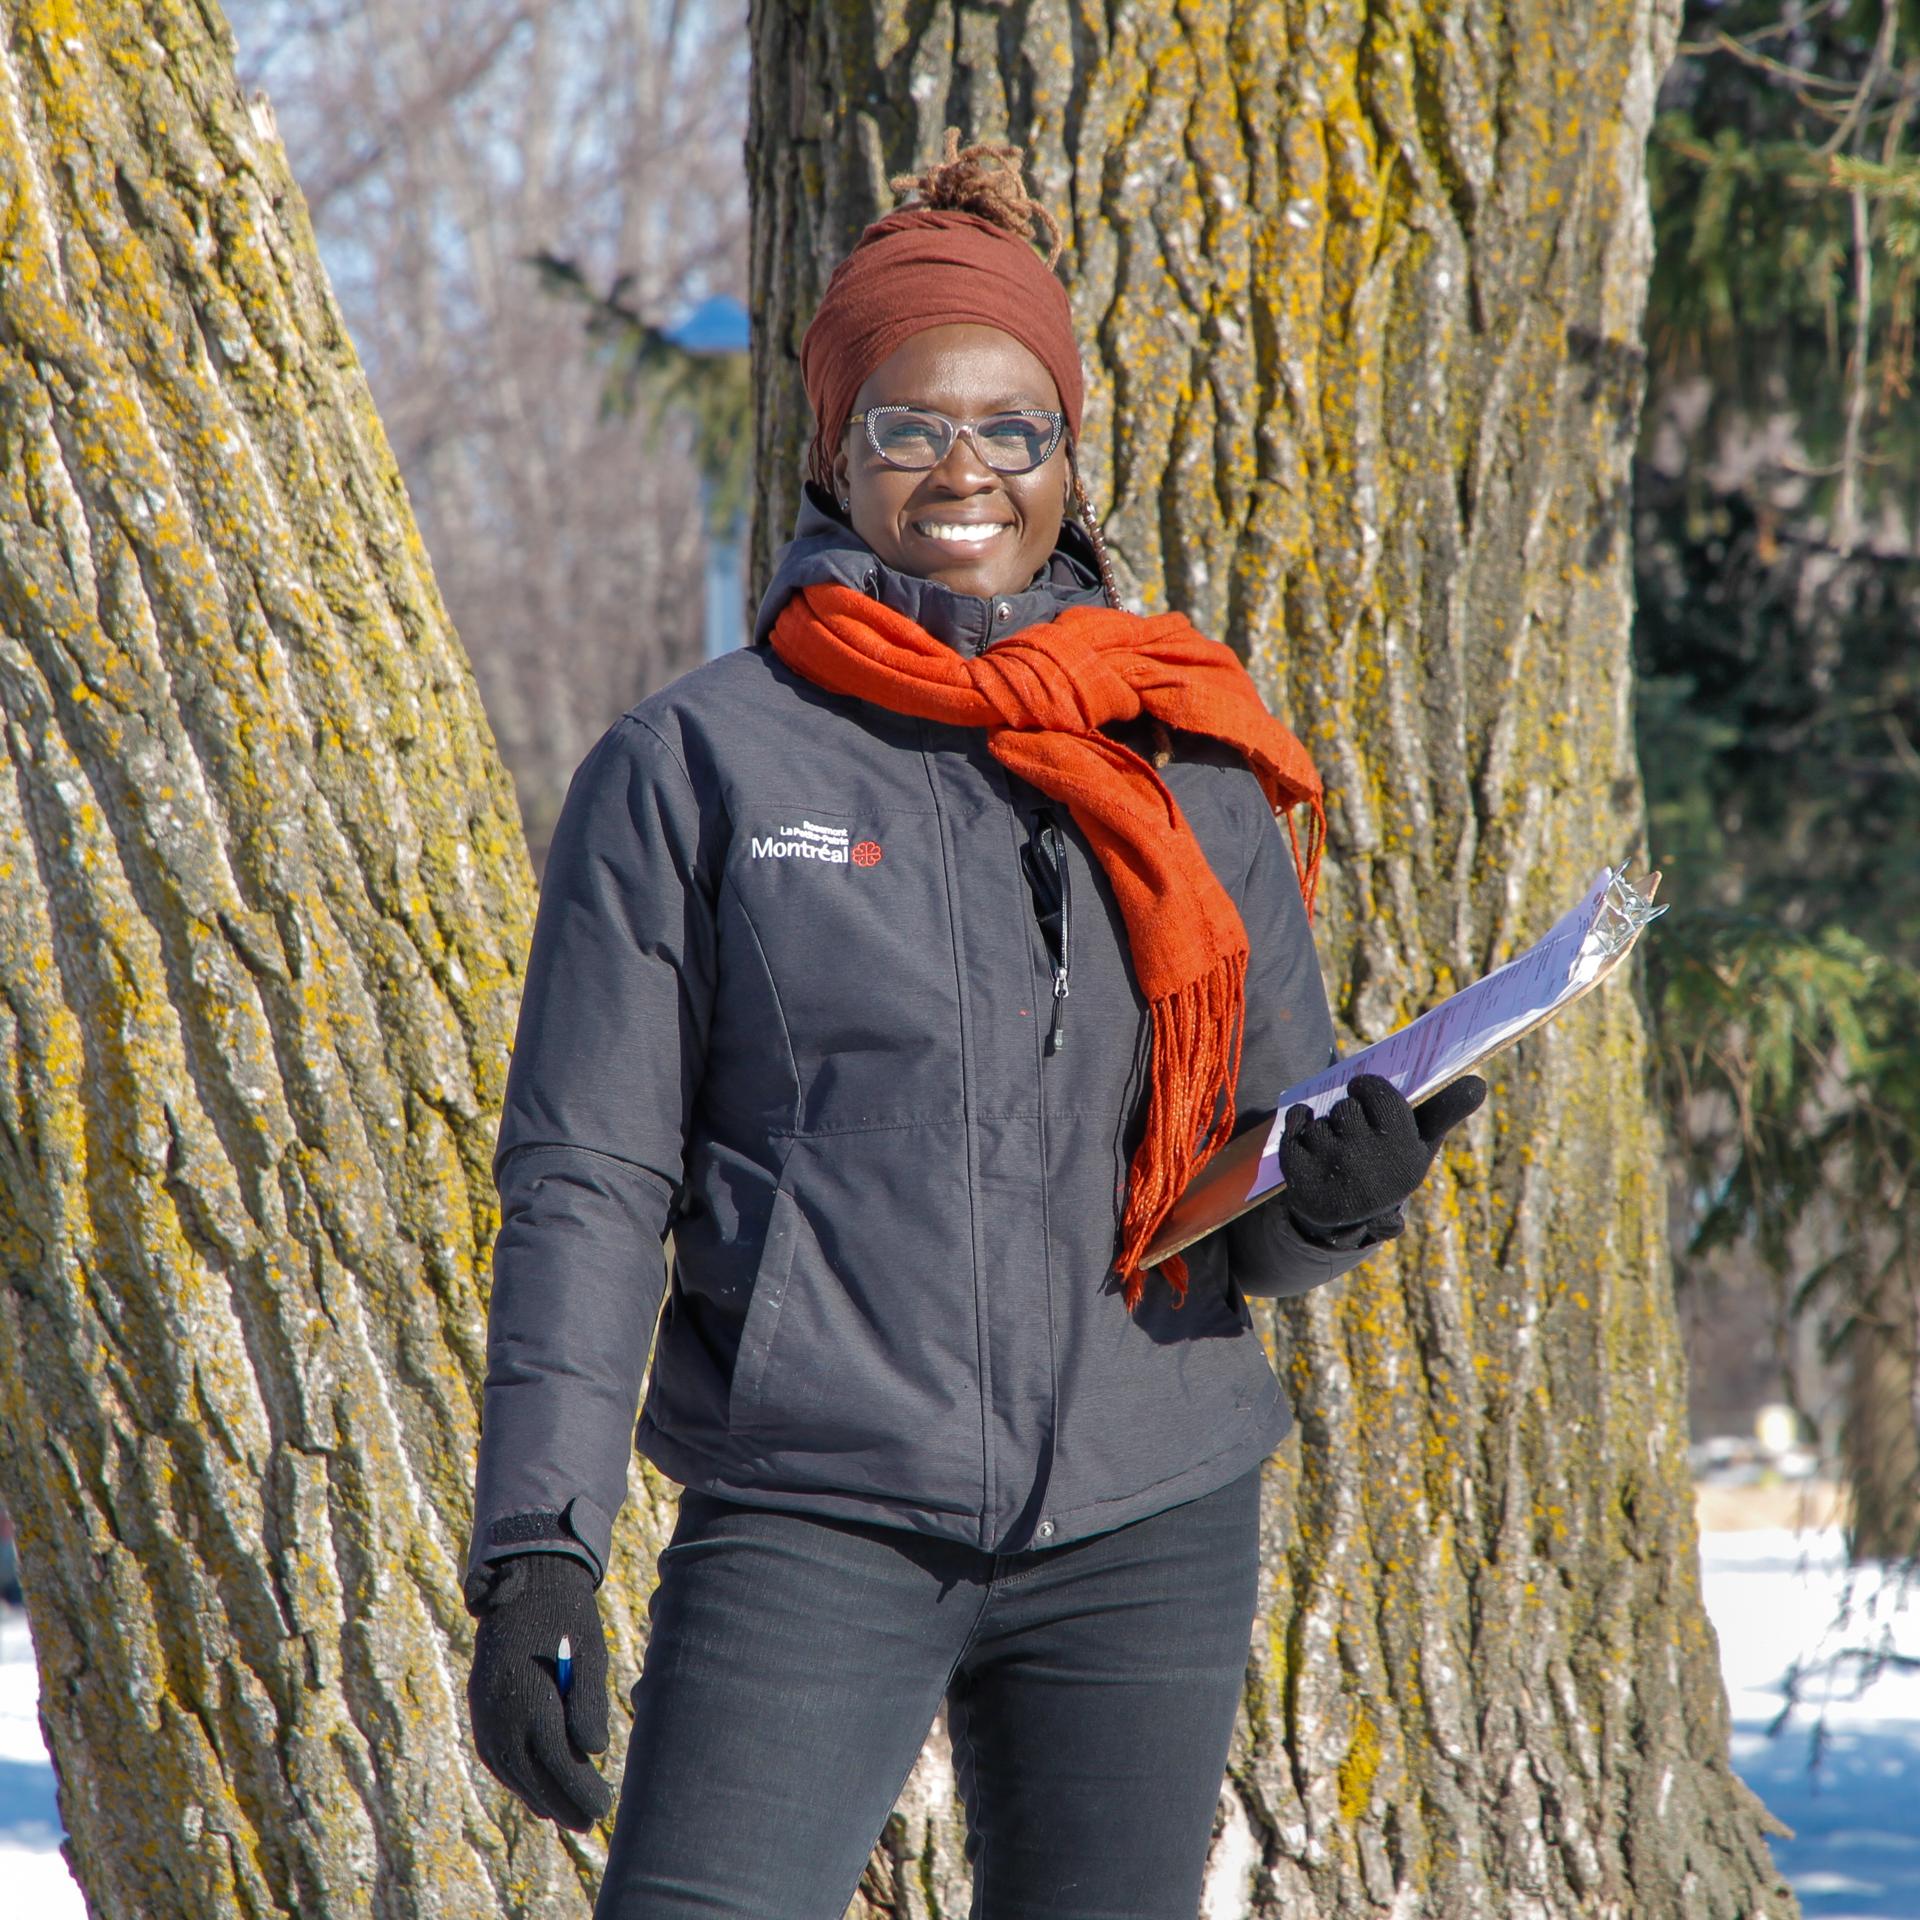 Nafy,agente technique en horticulture et arboriculture à l'arrondissement de Rosemont-La Petite-Patrie